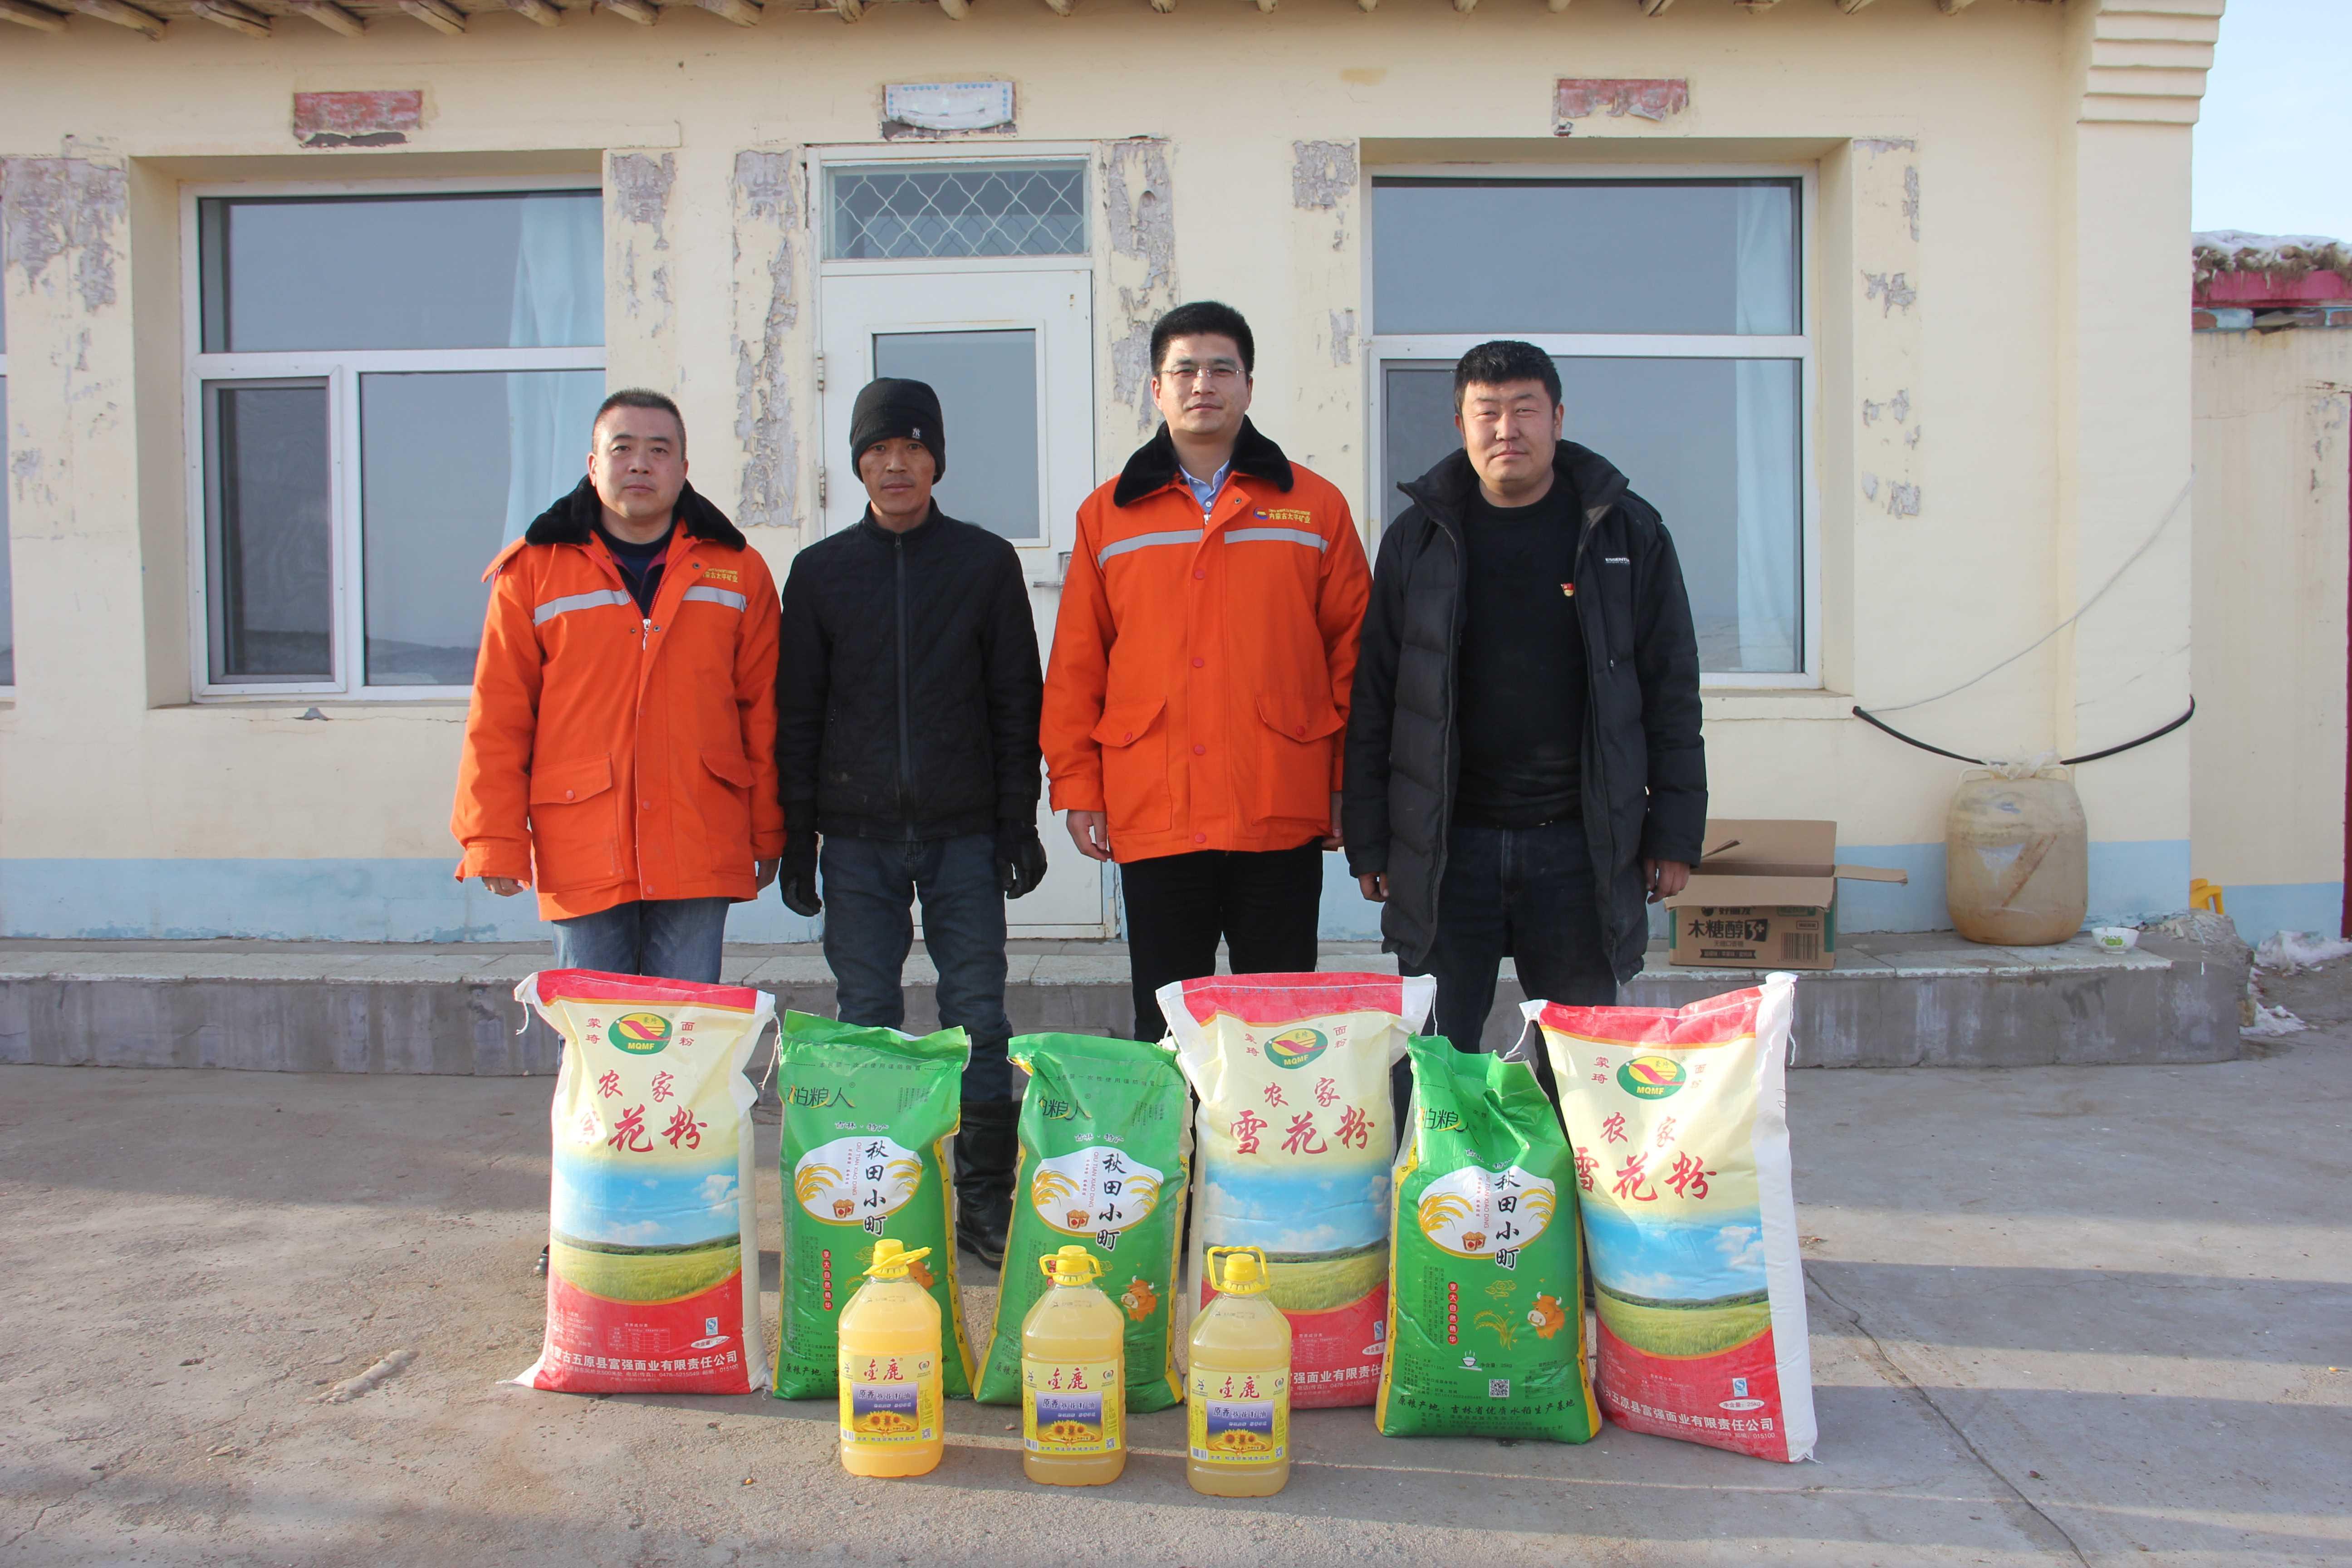 内蒙古承平展开春节前访问慰劳-与牧民合影纪念